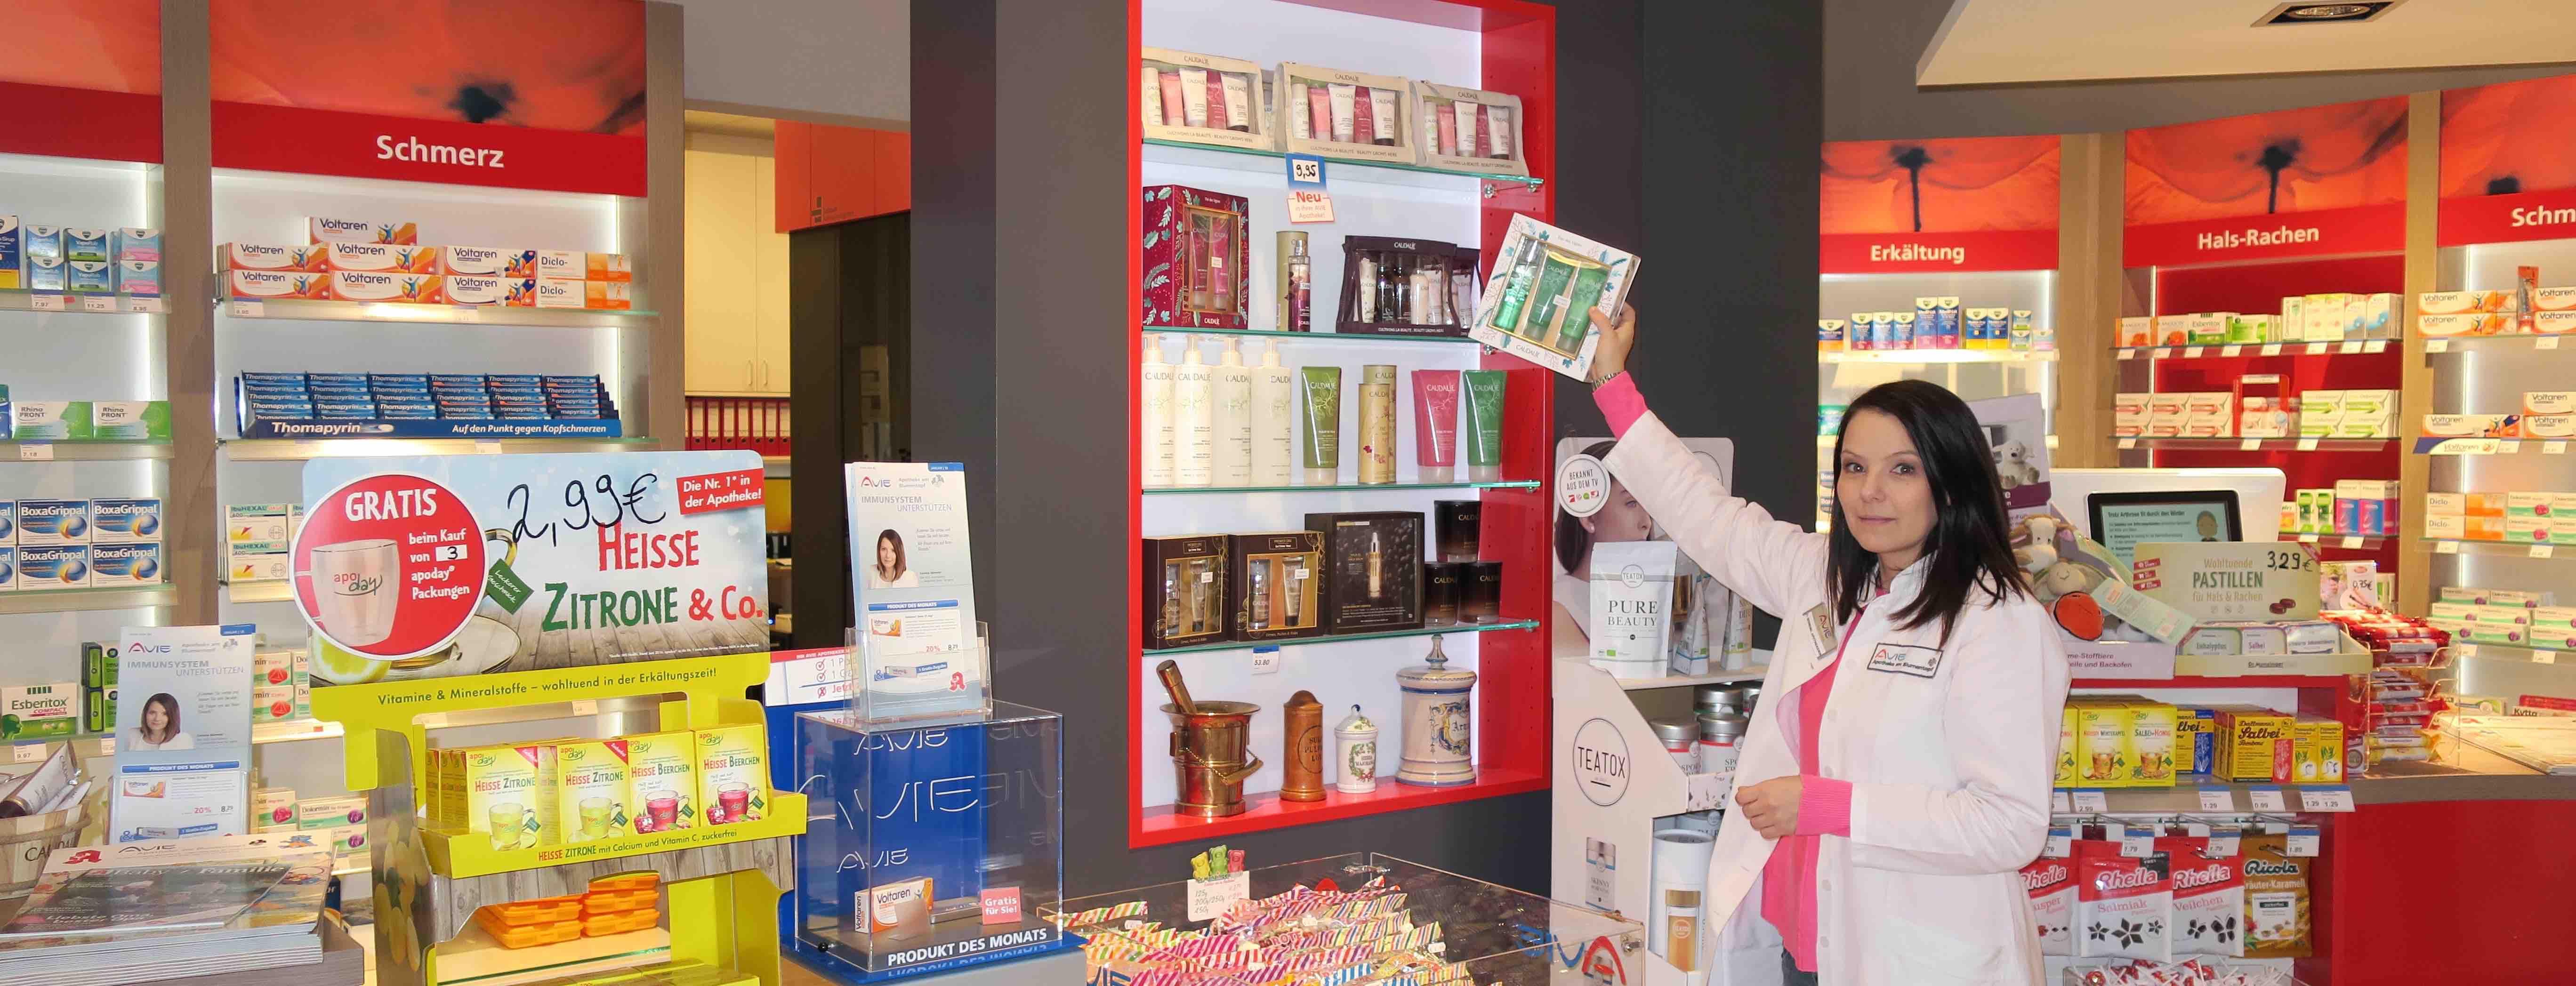 Corinna Behrend von der Avie Apotheke am Blumentopf gibt Gesundheitstipps